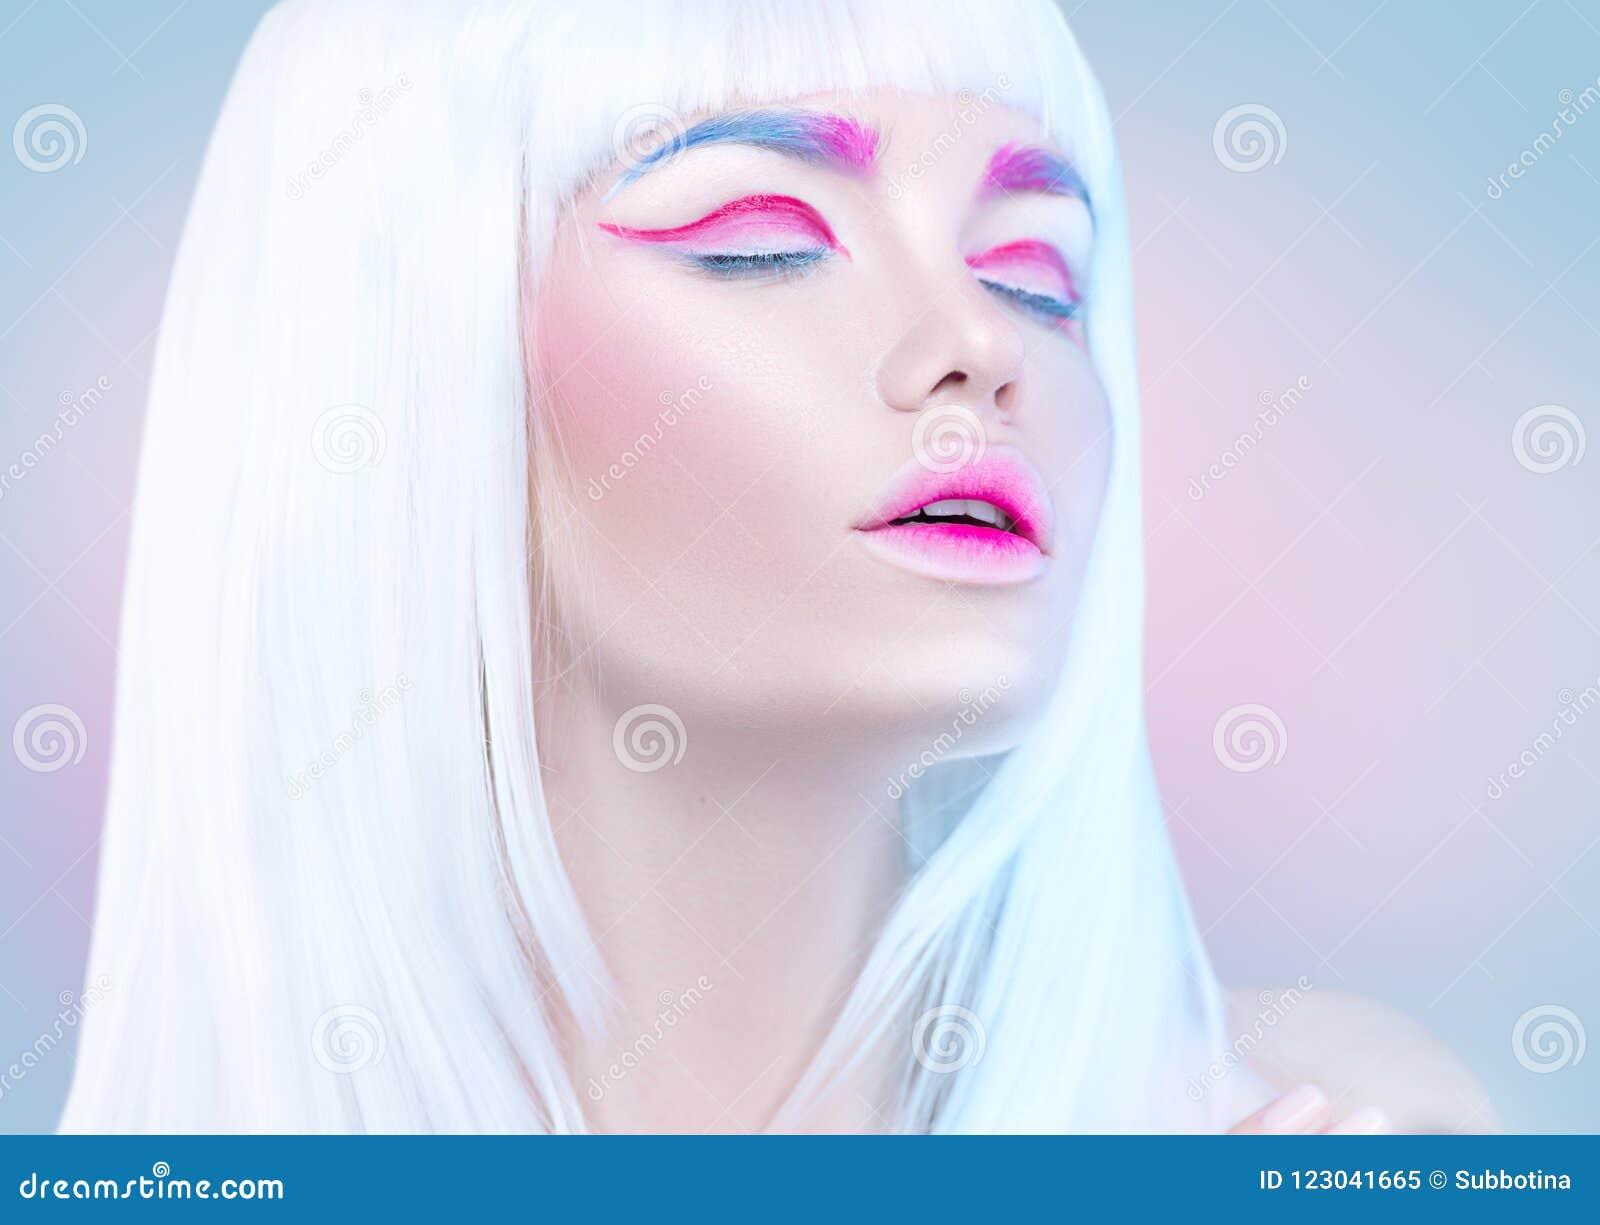 Piękno mody modela dziewczyny portret z białym włosy, różowy eyeliner, gradientowe wargi Futurystyczny makeup w białym, błękitnym